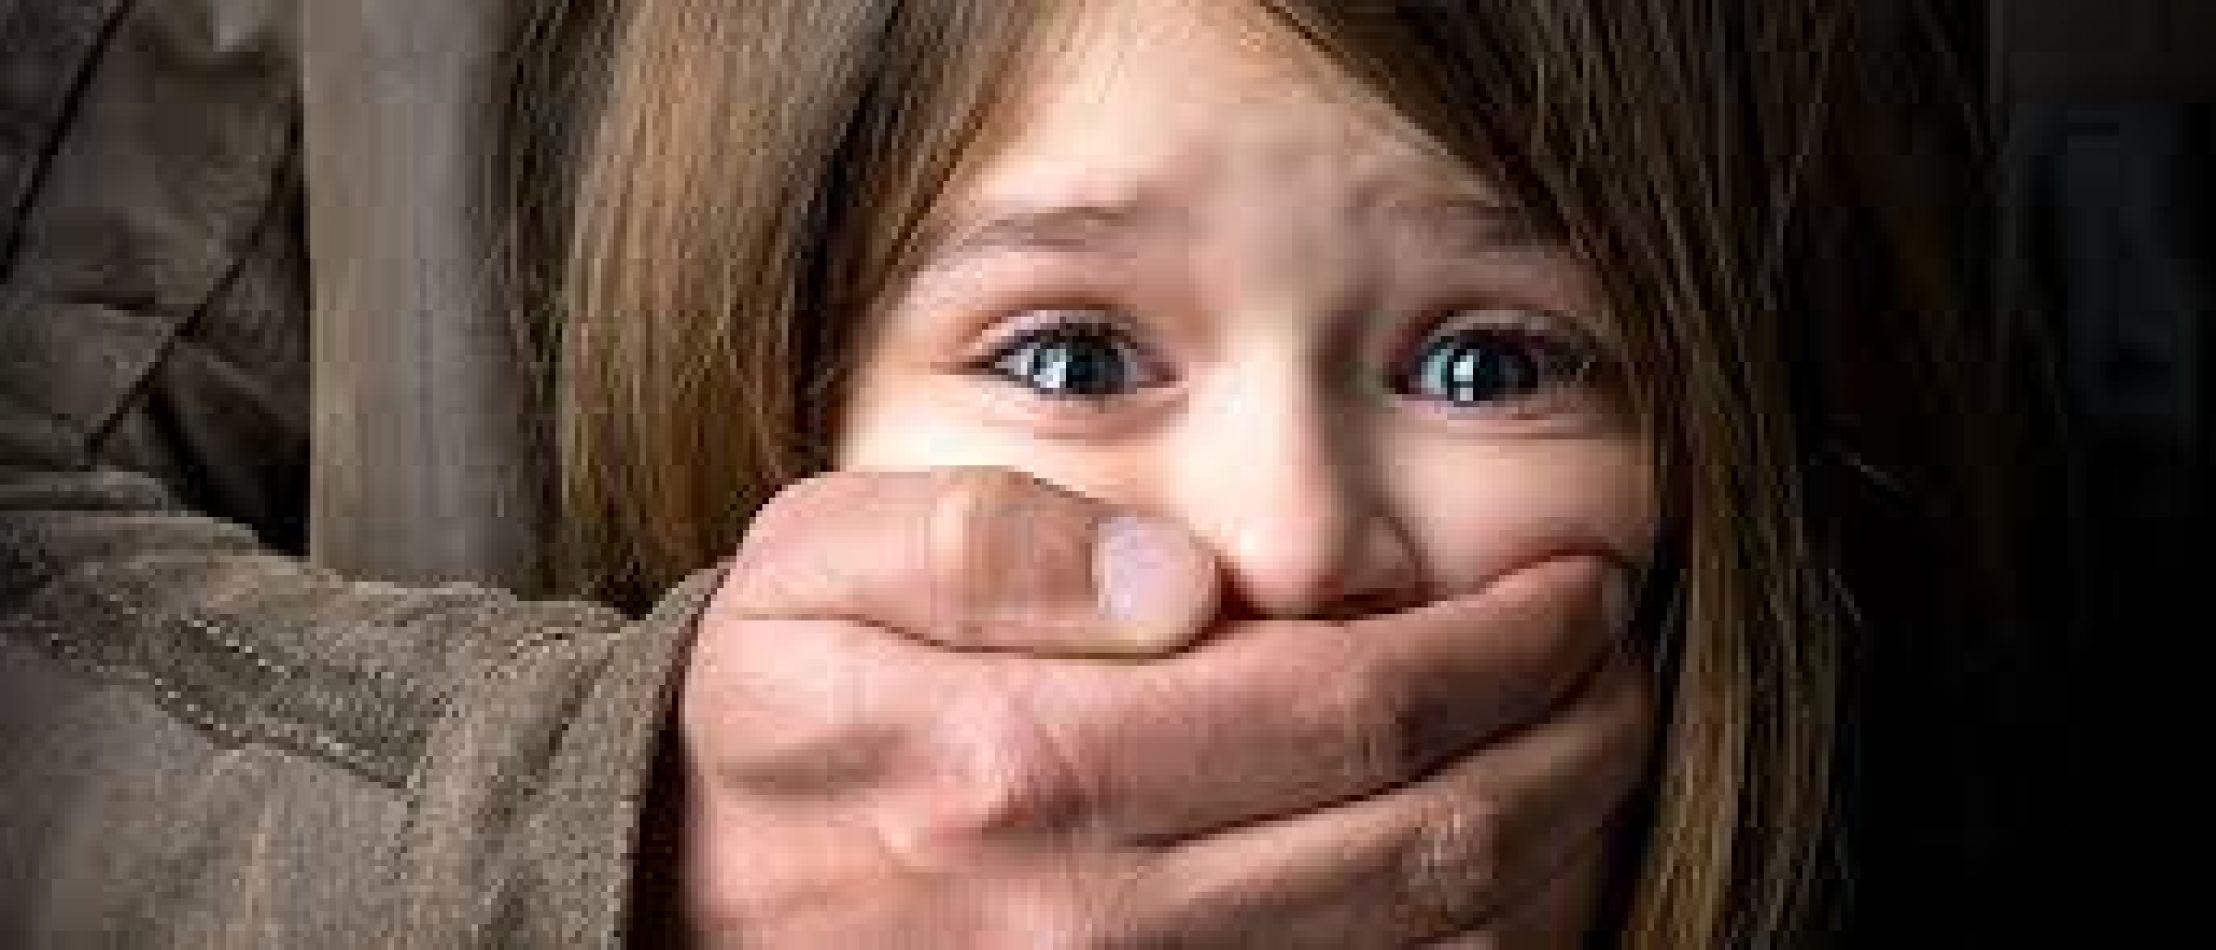 Abusó de su propia hija y fue condenado